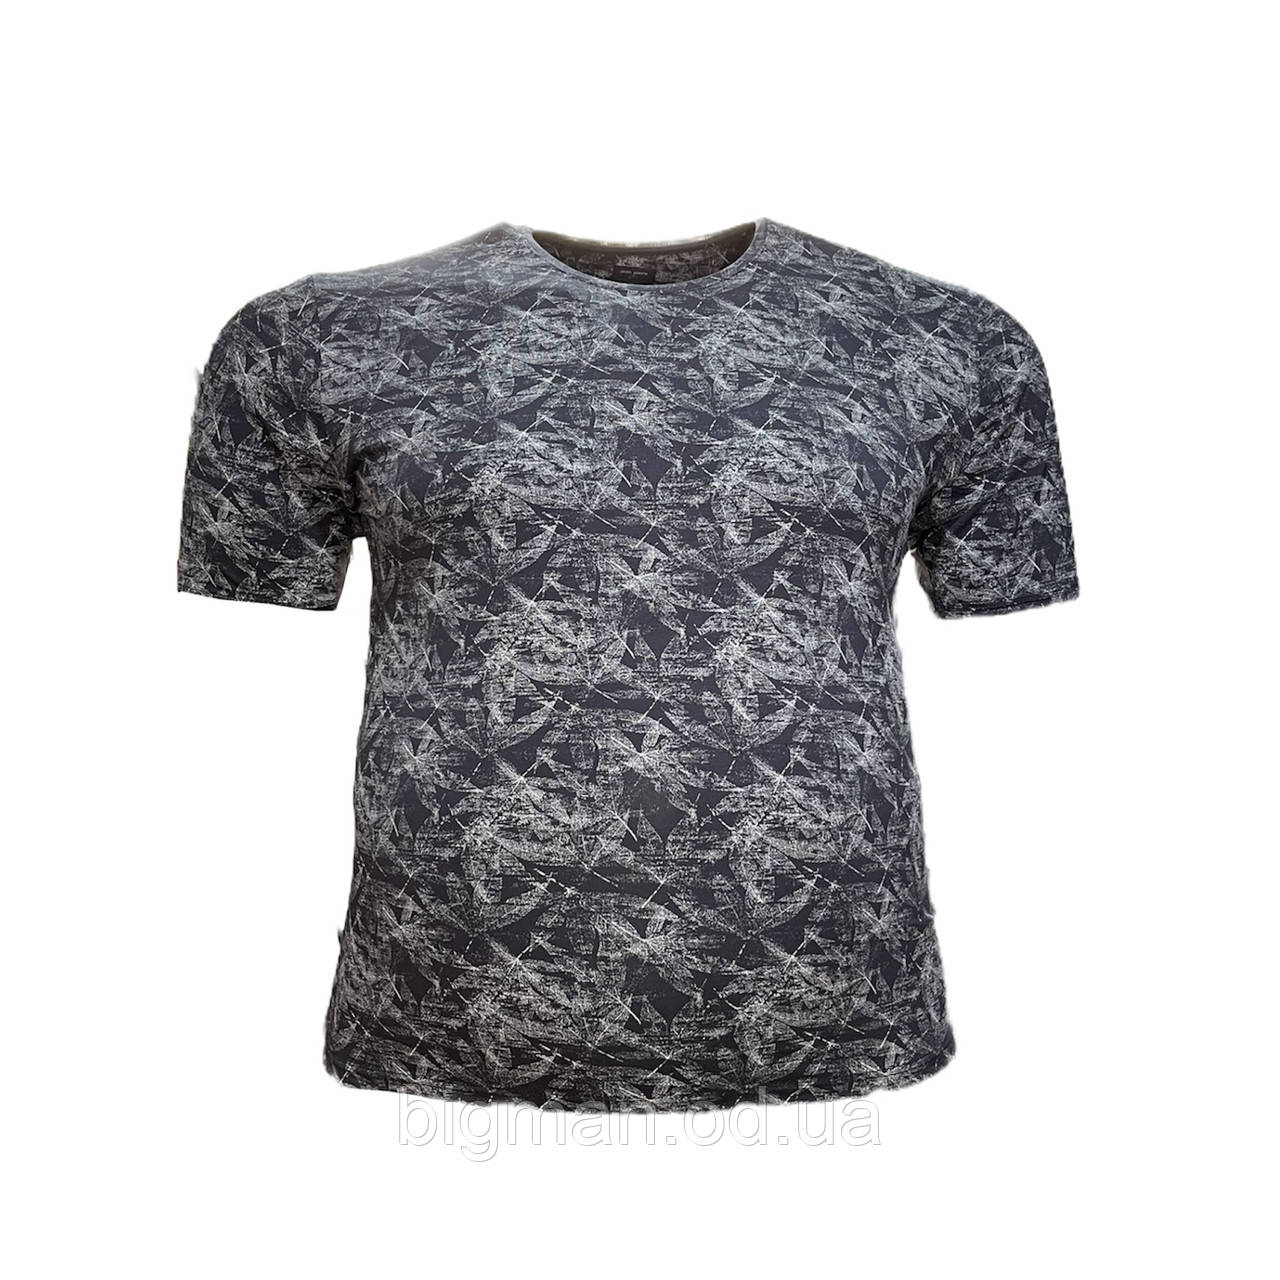 Чоловіча батальна футболка на резинці Jean Piere 12119 6XL 7XL 8XL синя великі розміри Туреччина